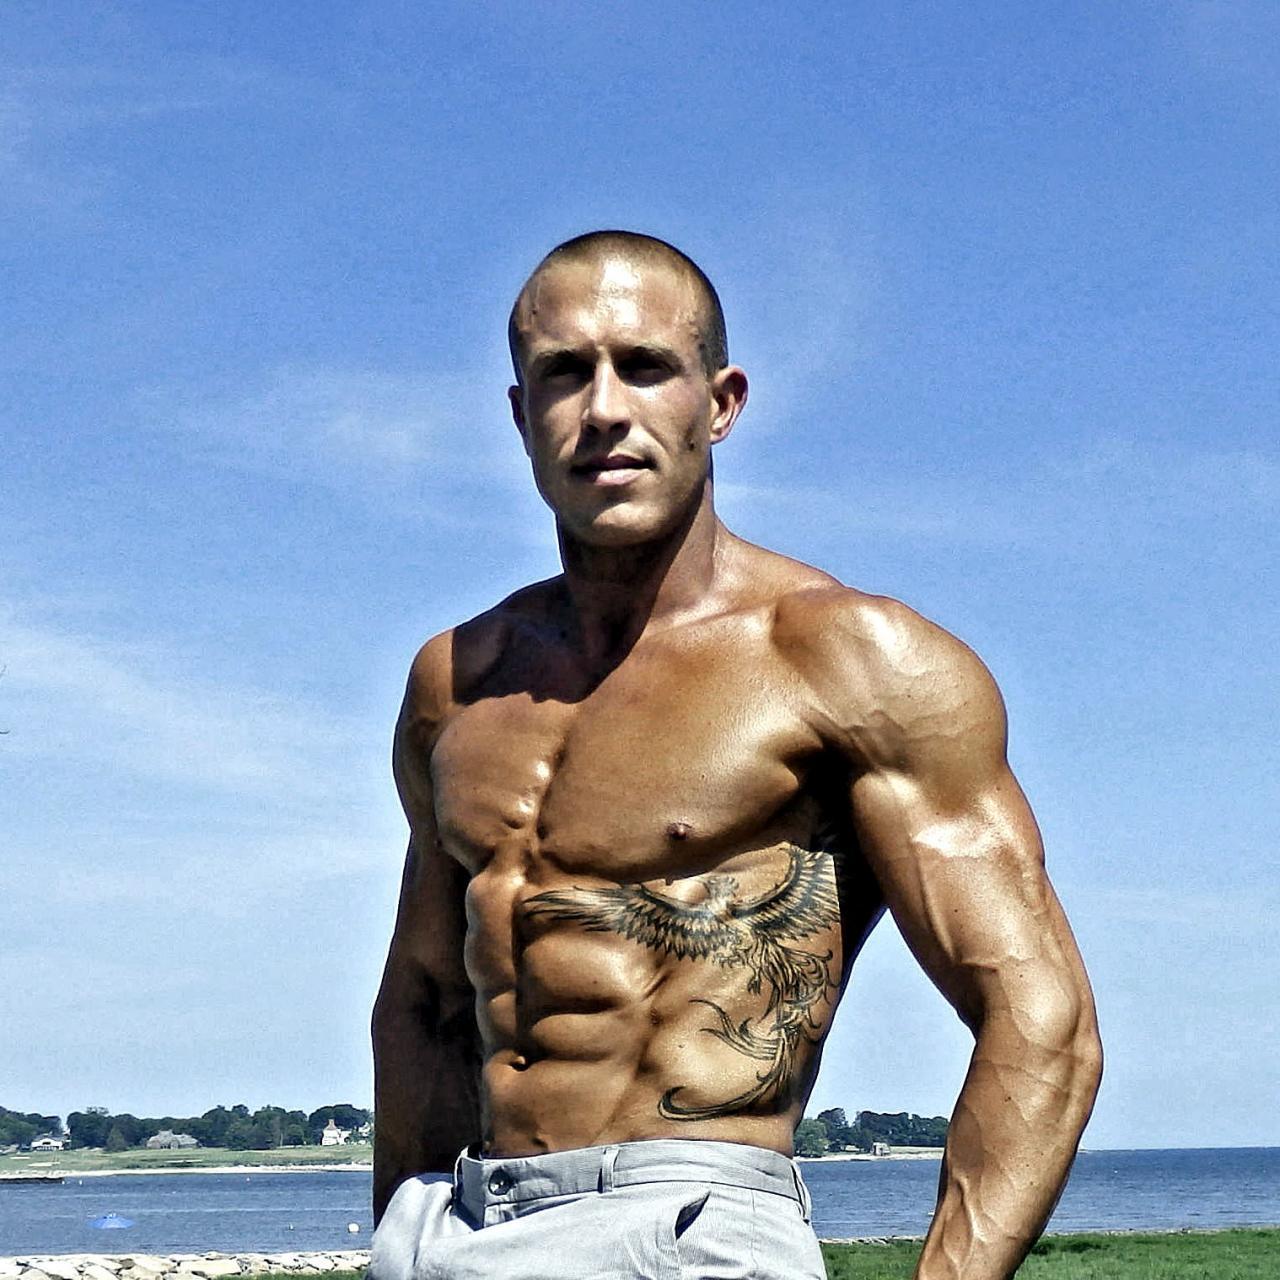 Jonathan Mielec - Philadelphia Personal Training